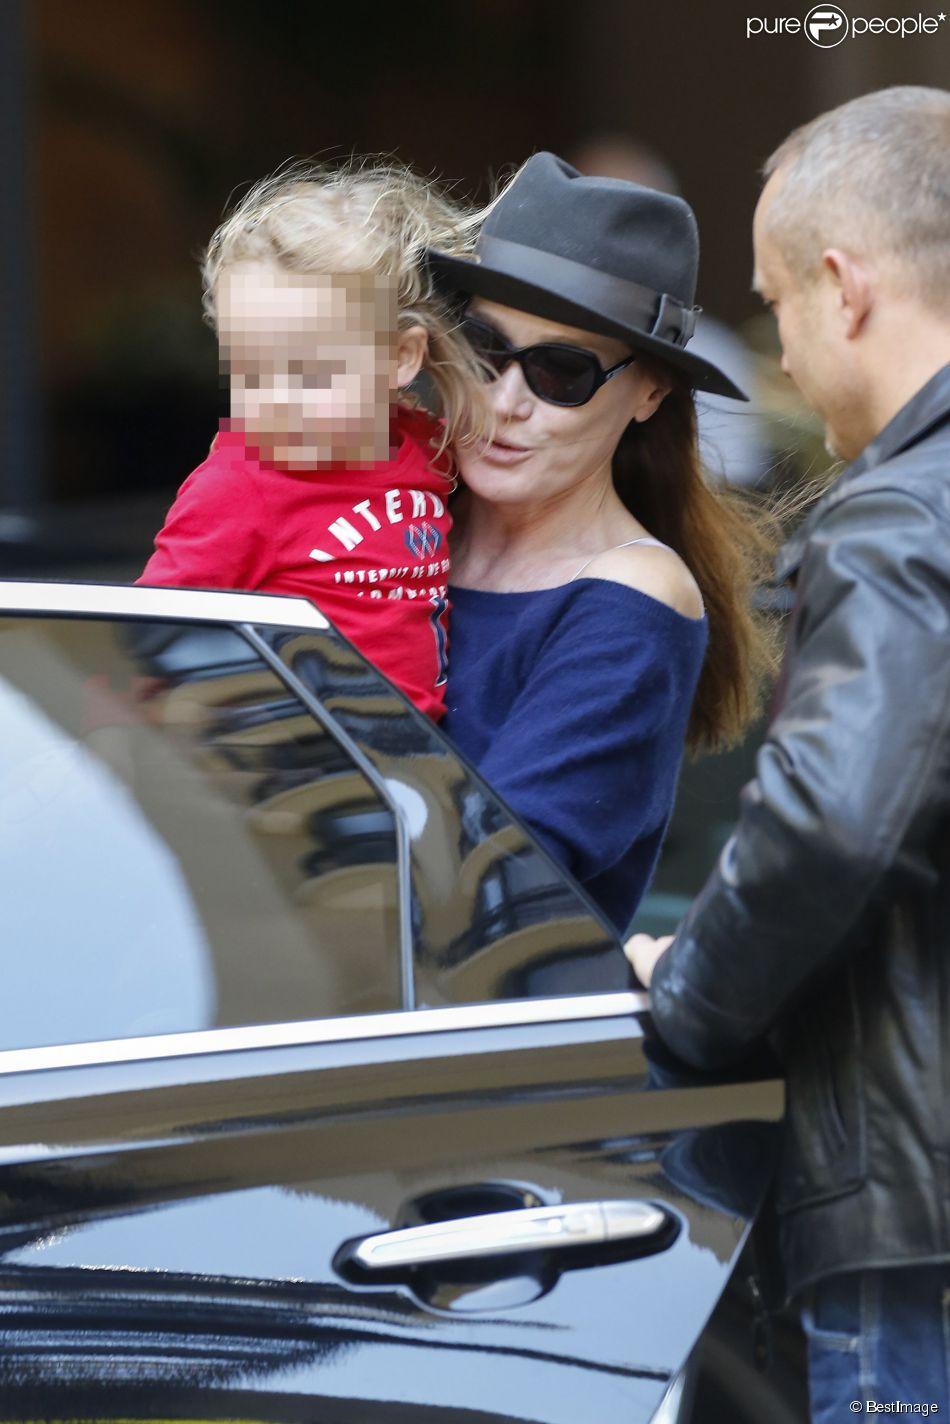 Nicolas Sarkozy, Carla Bruni et leur petite Giulia, quittent leur hôtel à Los Angeles, pour se rendre à l'aéroport LAX de Los Angeles, le 29 avril 2014.